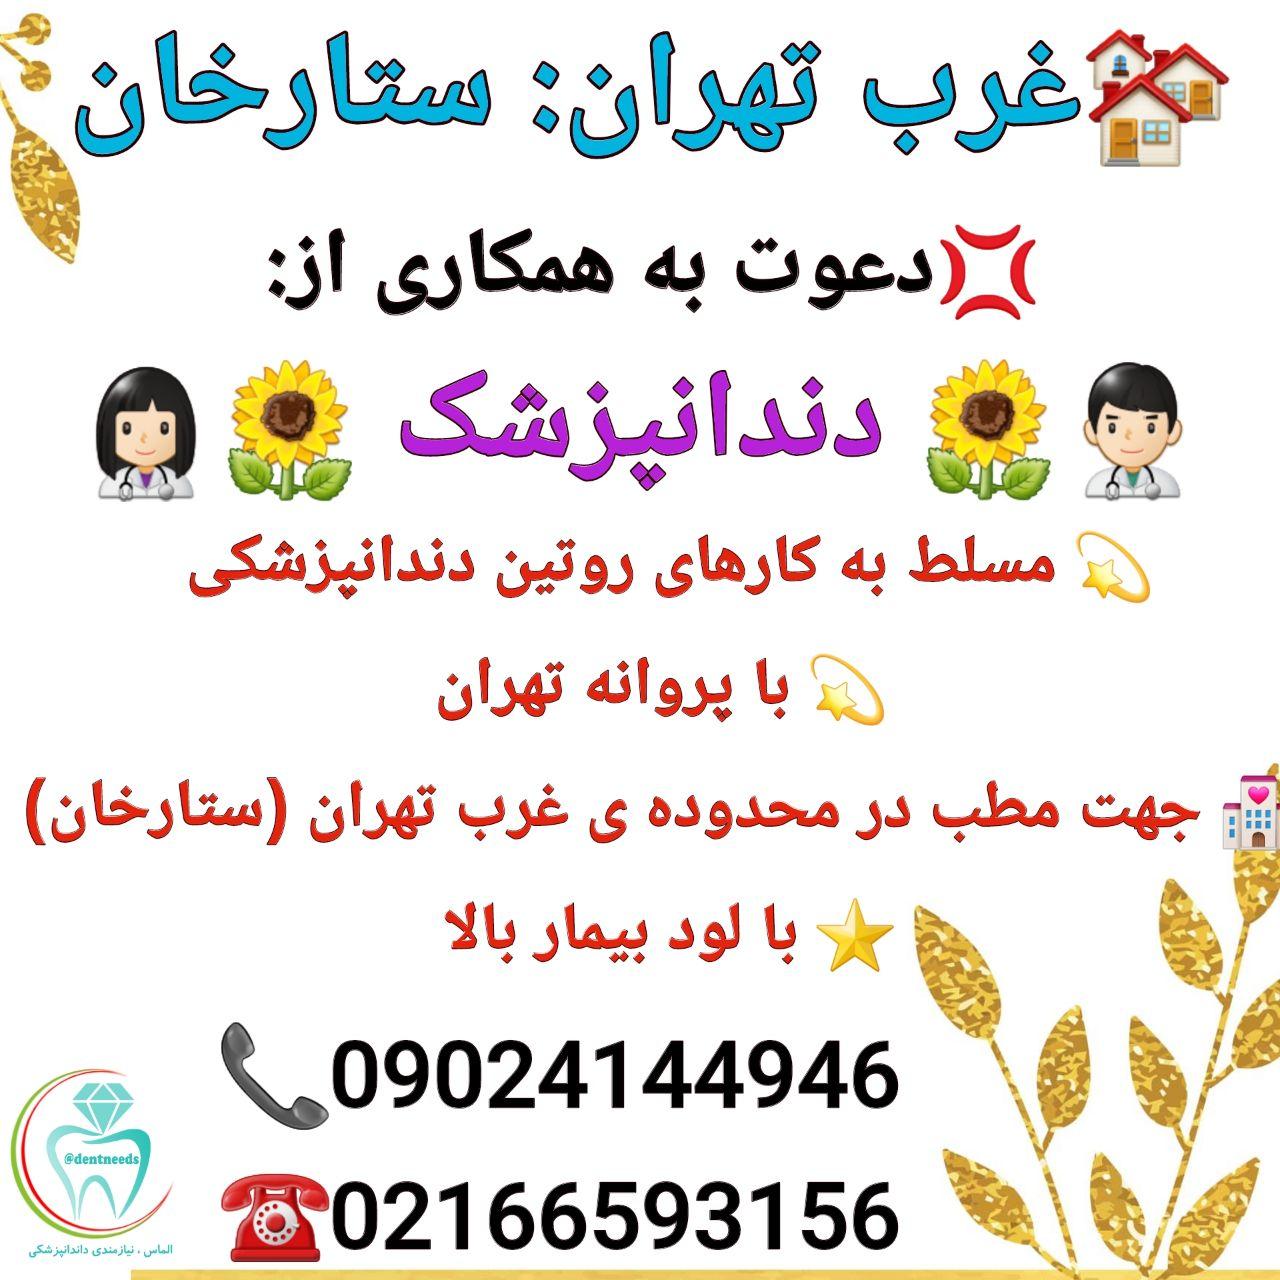 غرب تهران: ستارخان، دعوت به همکاری از دندانپزشک